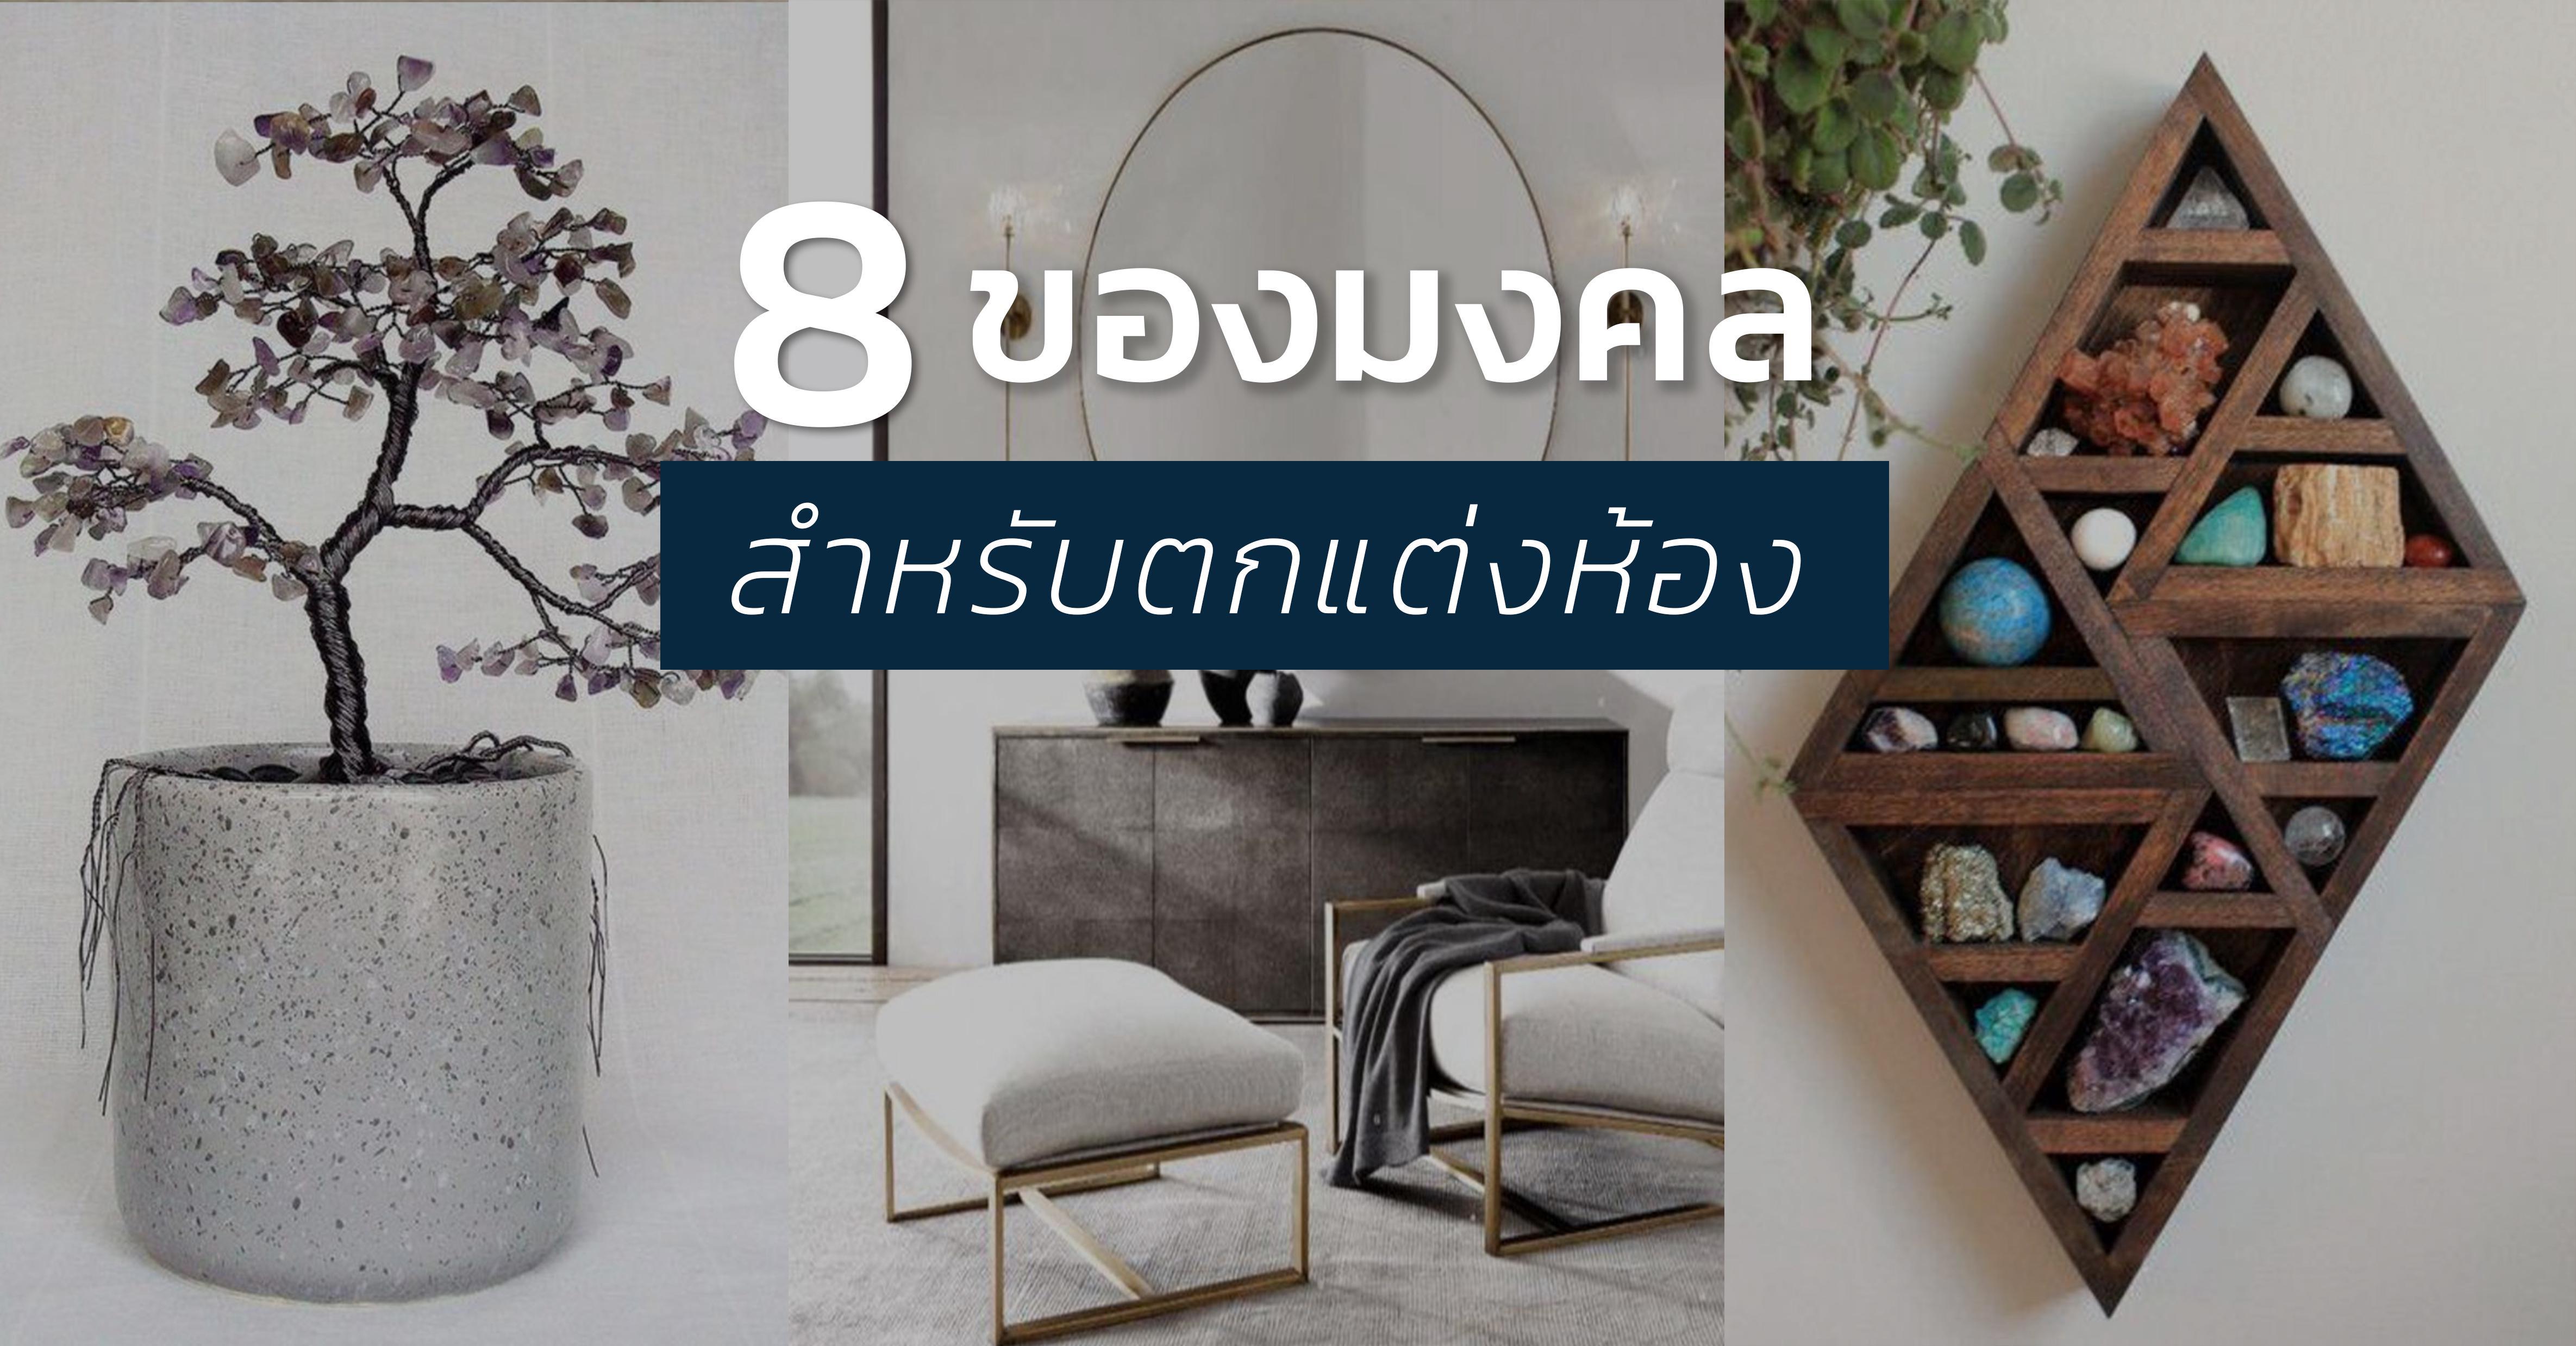 รูปบทความ 8 ของมงคลเพื่อการแต่งคอนโด ให้ห้องดูสวย เสริมดวงชะตาได้  ไม่ดูโบราณ